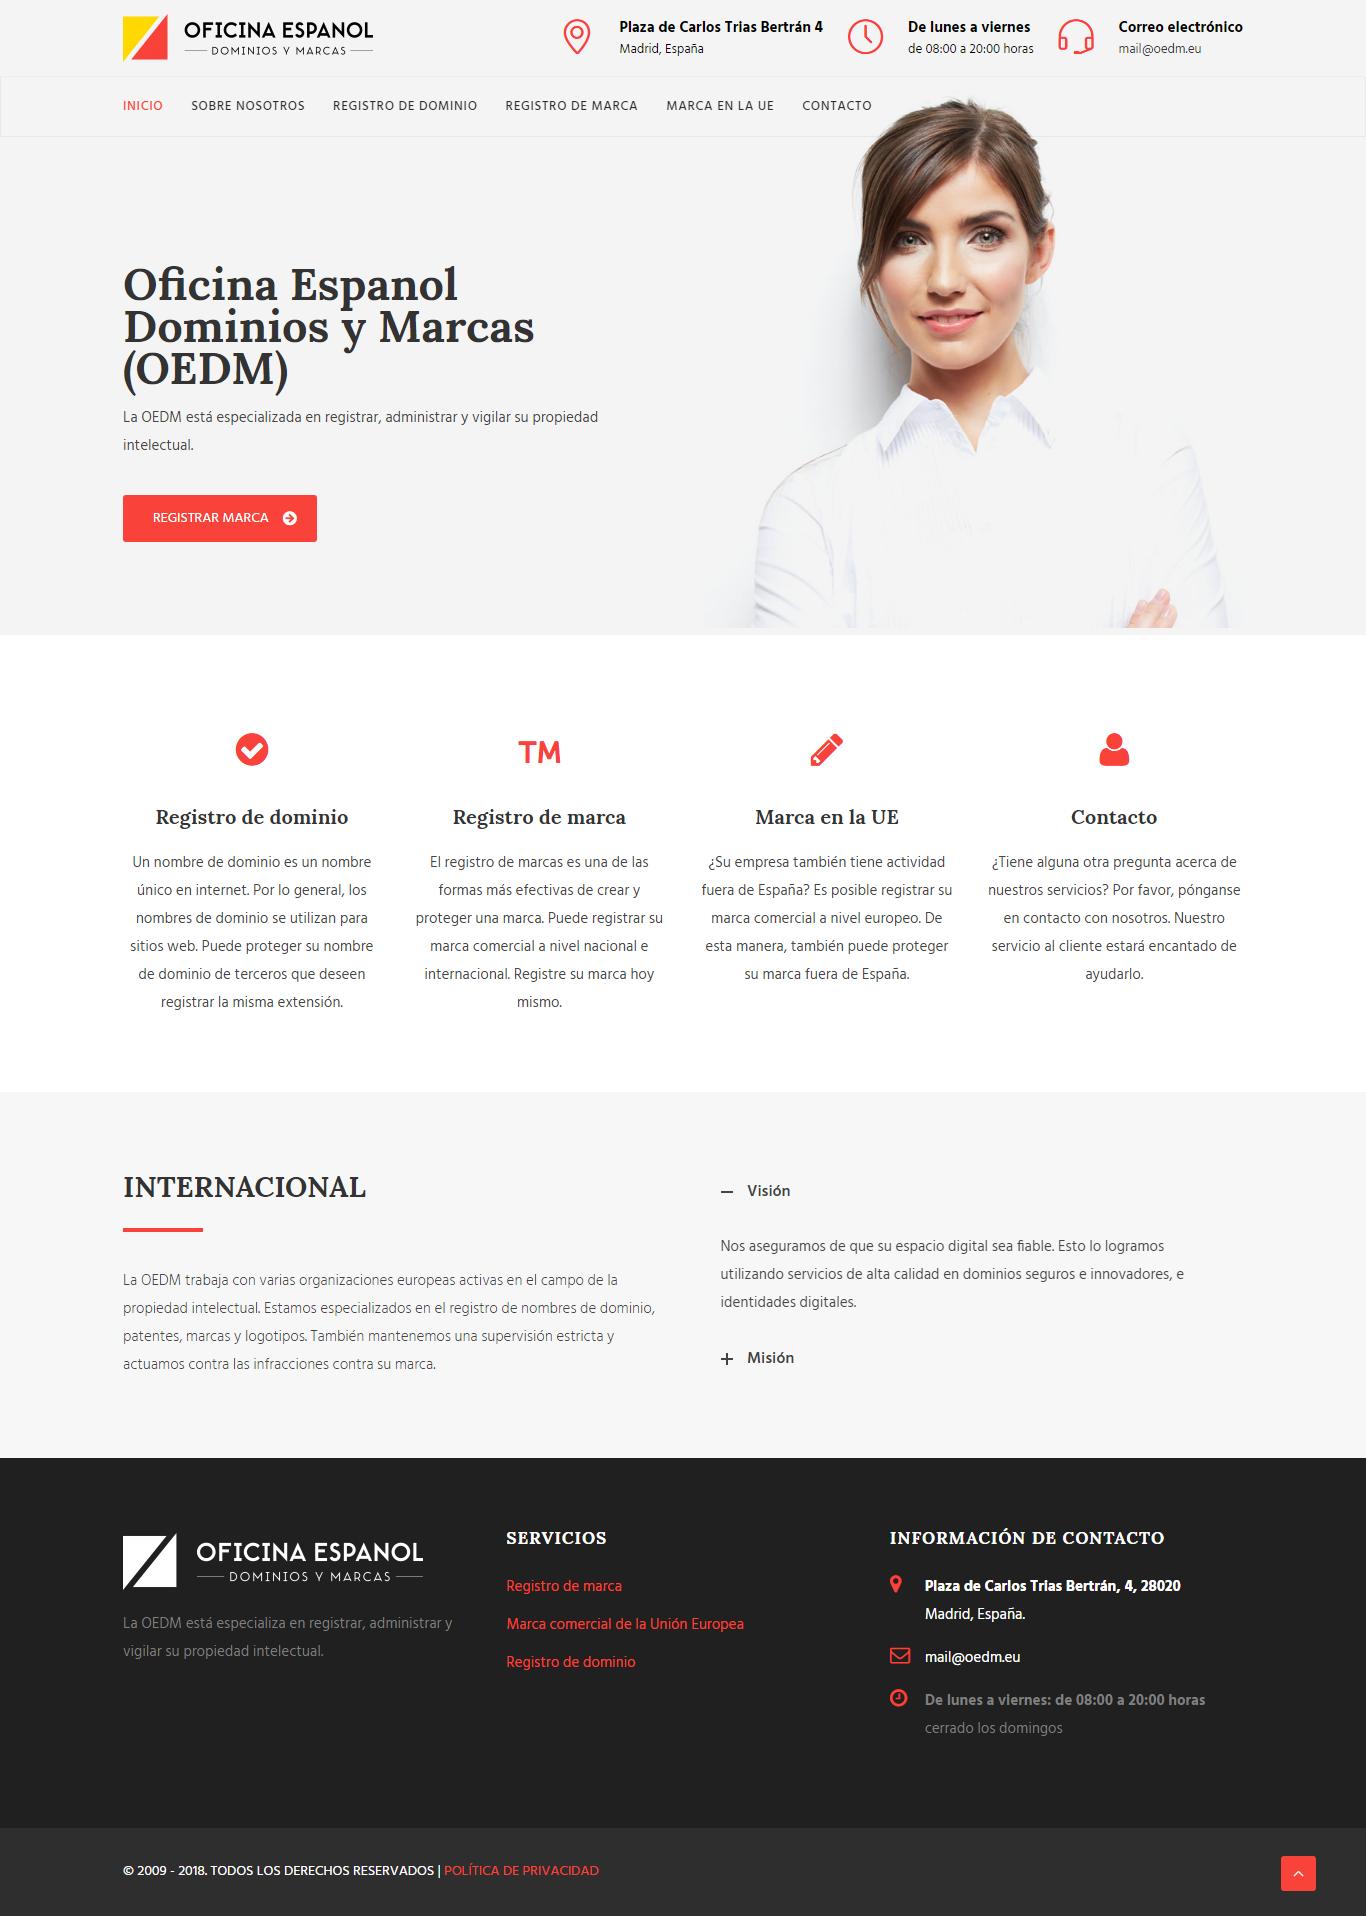 Captura de la web de la Ciberestafa marcas y dominios